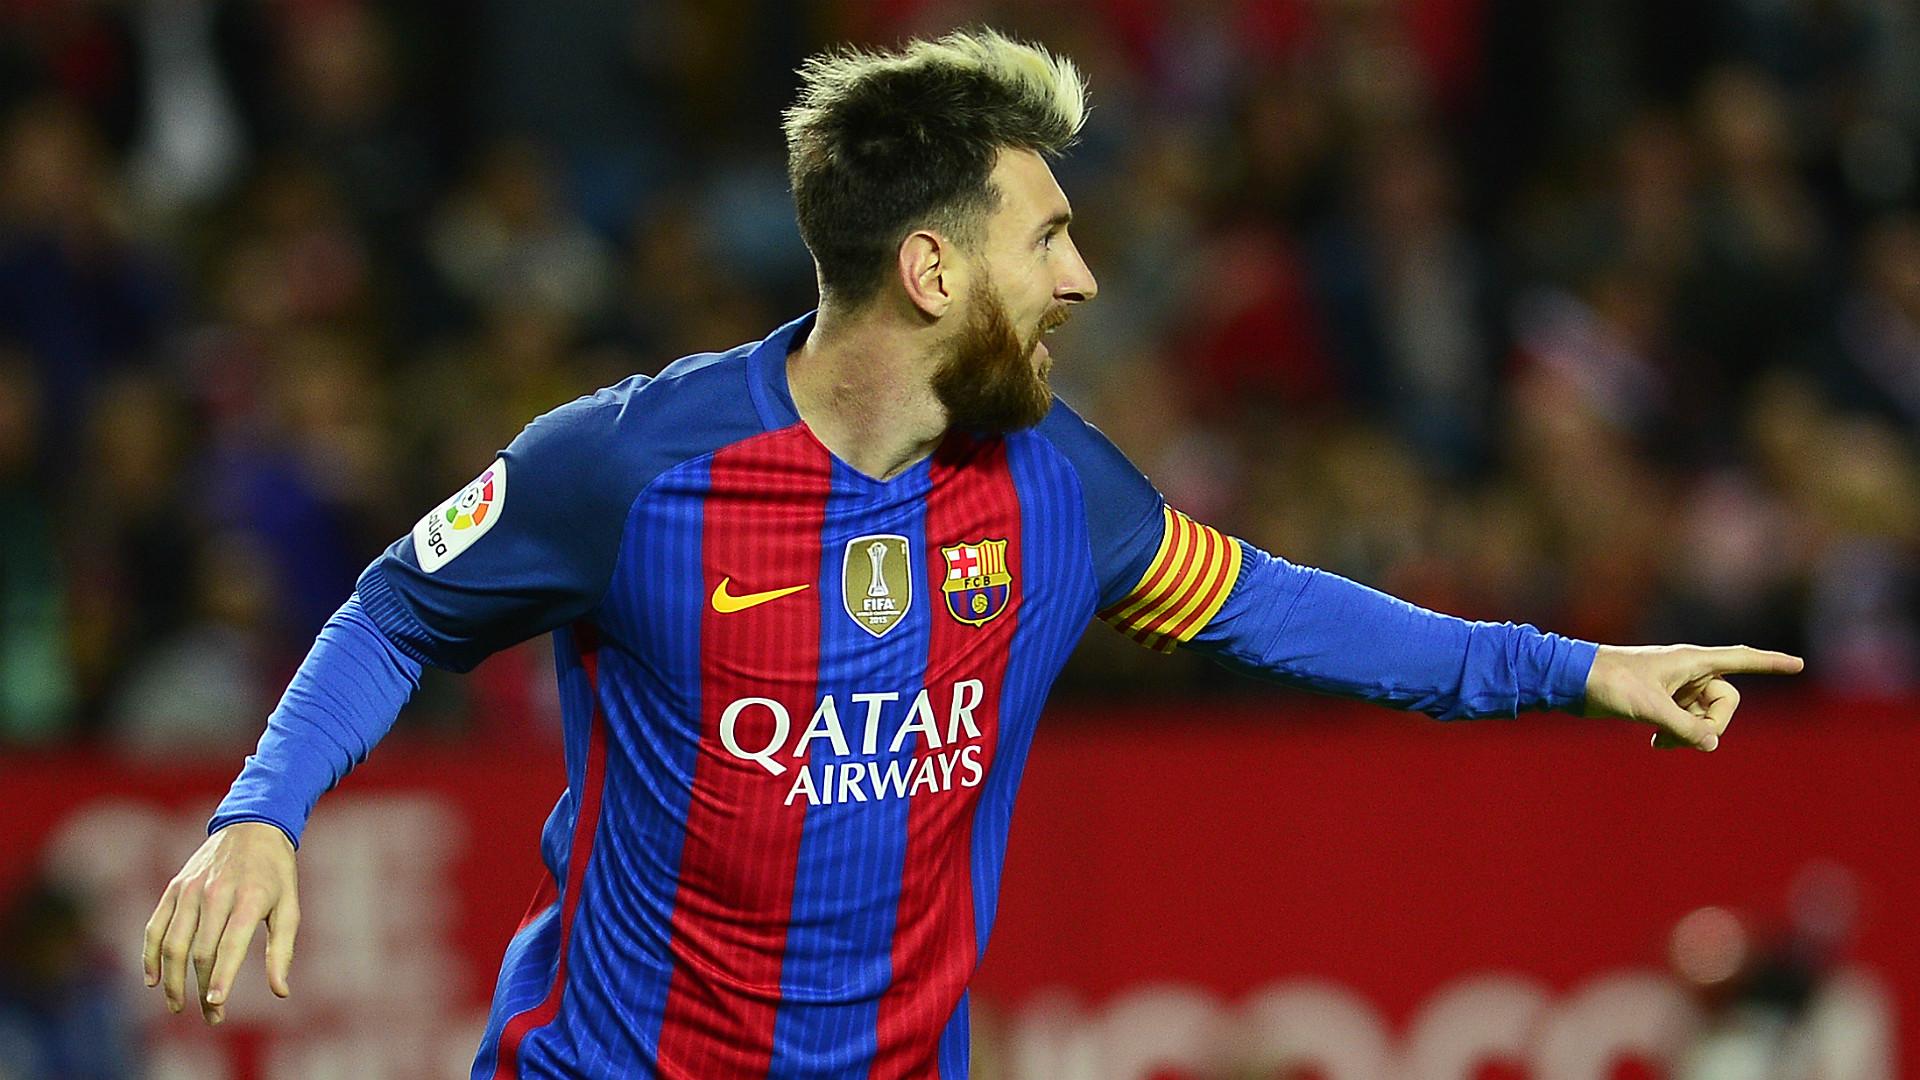 Lionel Messi Grzegorz Krycowiak Barcelona Sevilla 22052016 LaLiga 06112016